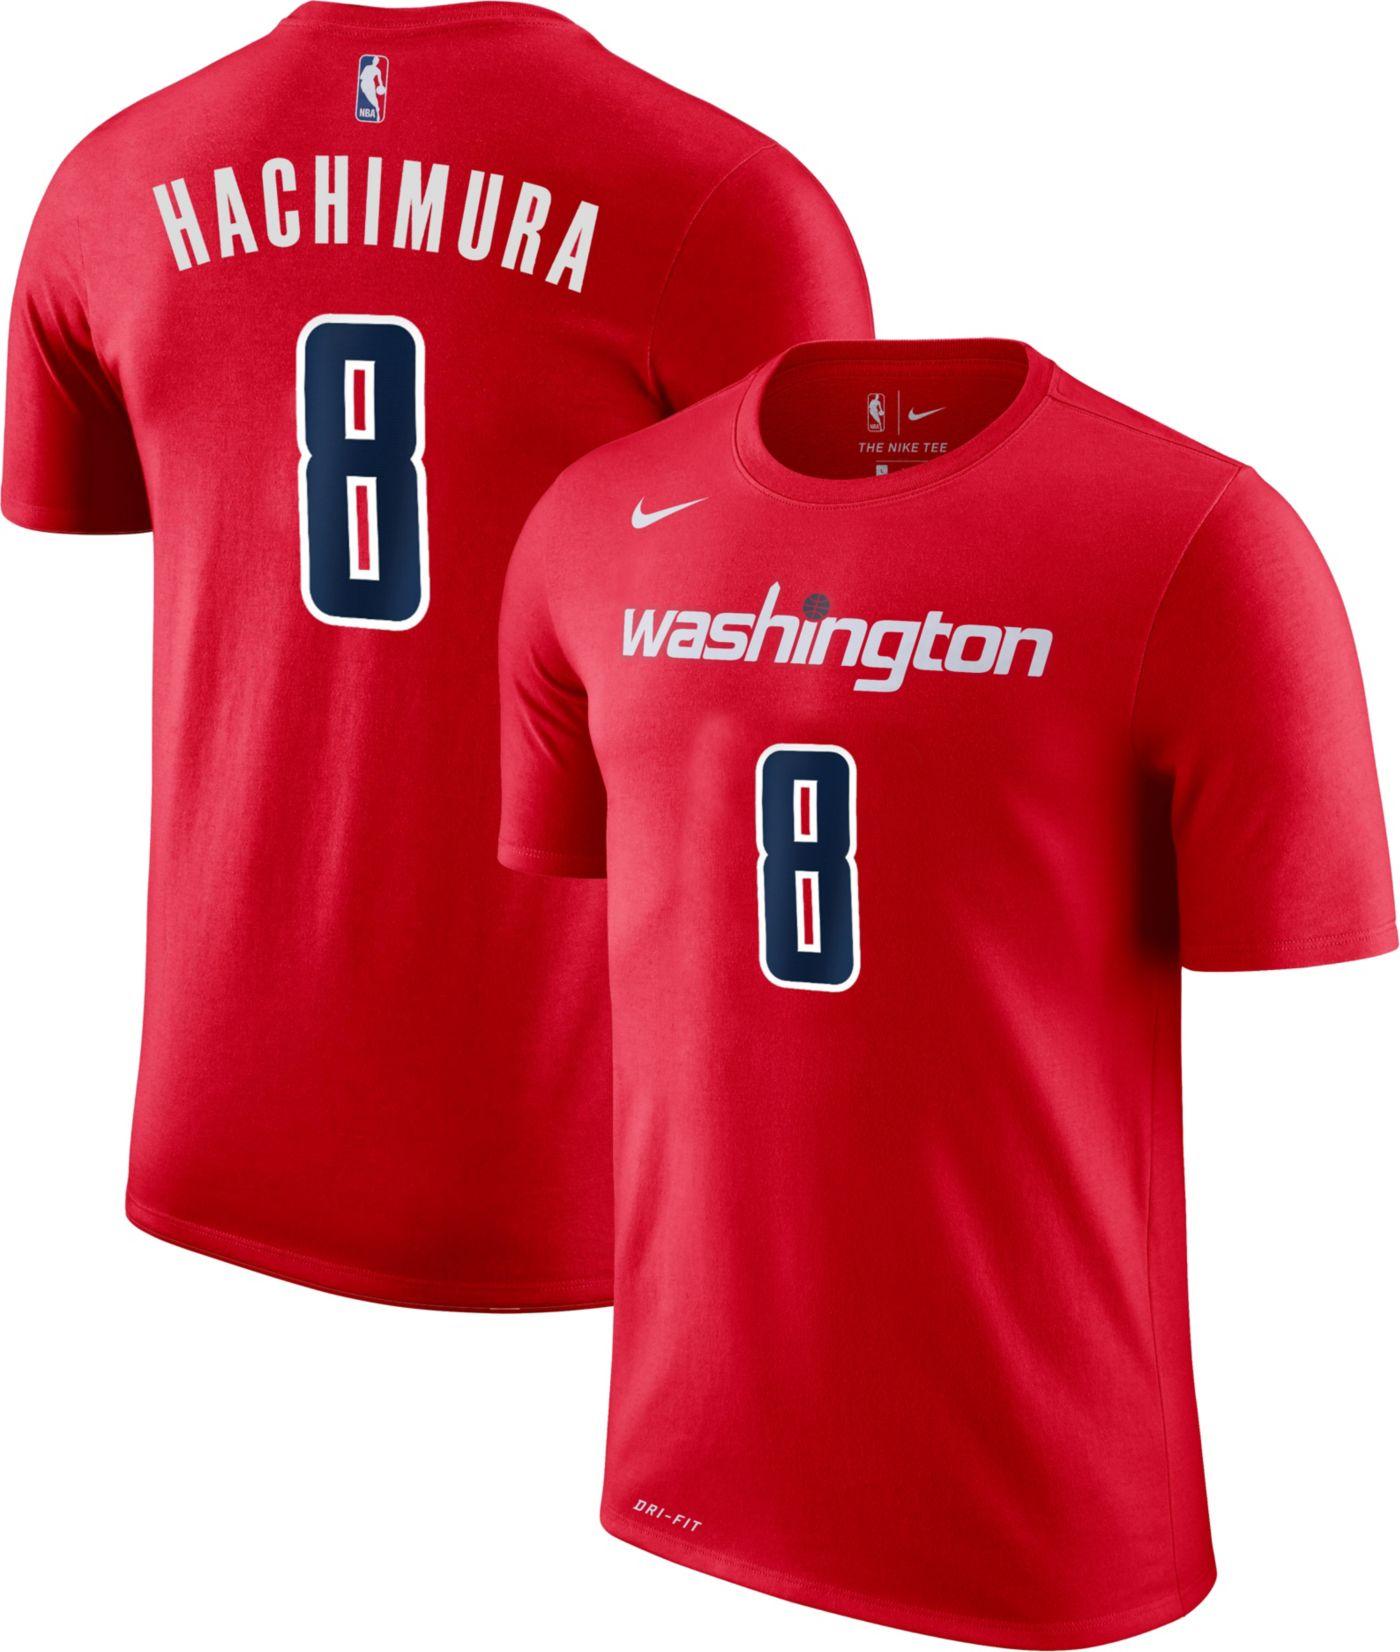 Nike Youth Washington Wizards Rui Hachimura #8 Dri-FIT Red T-Shirt